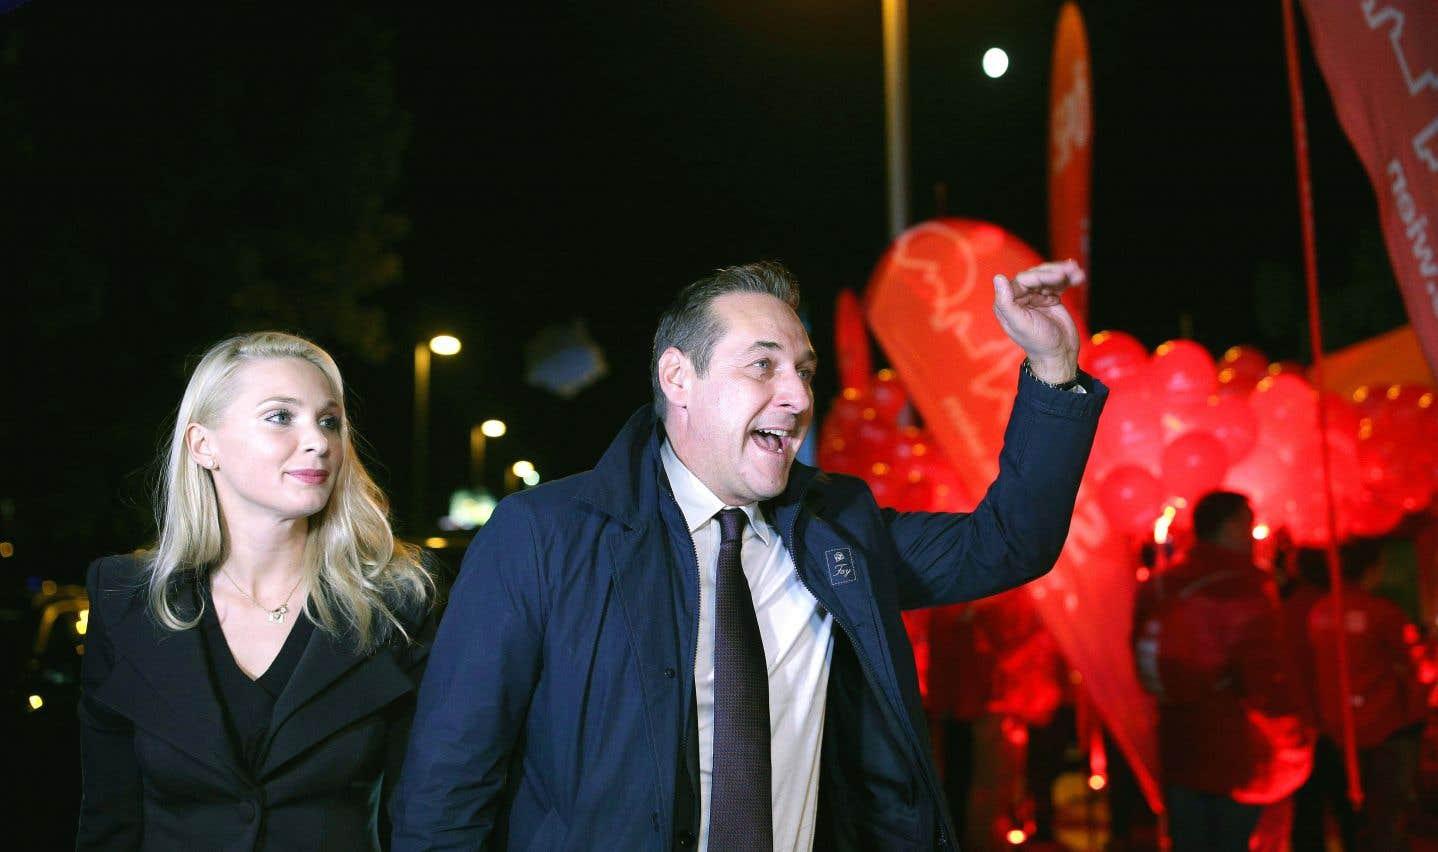 Élections en Autriche: l'extrême droite pose ses conditions pour une coalition